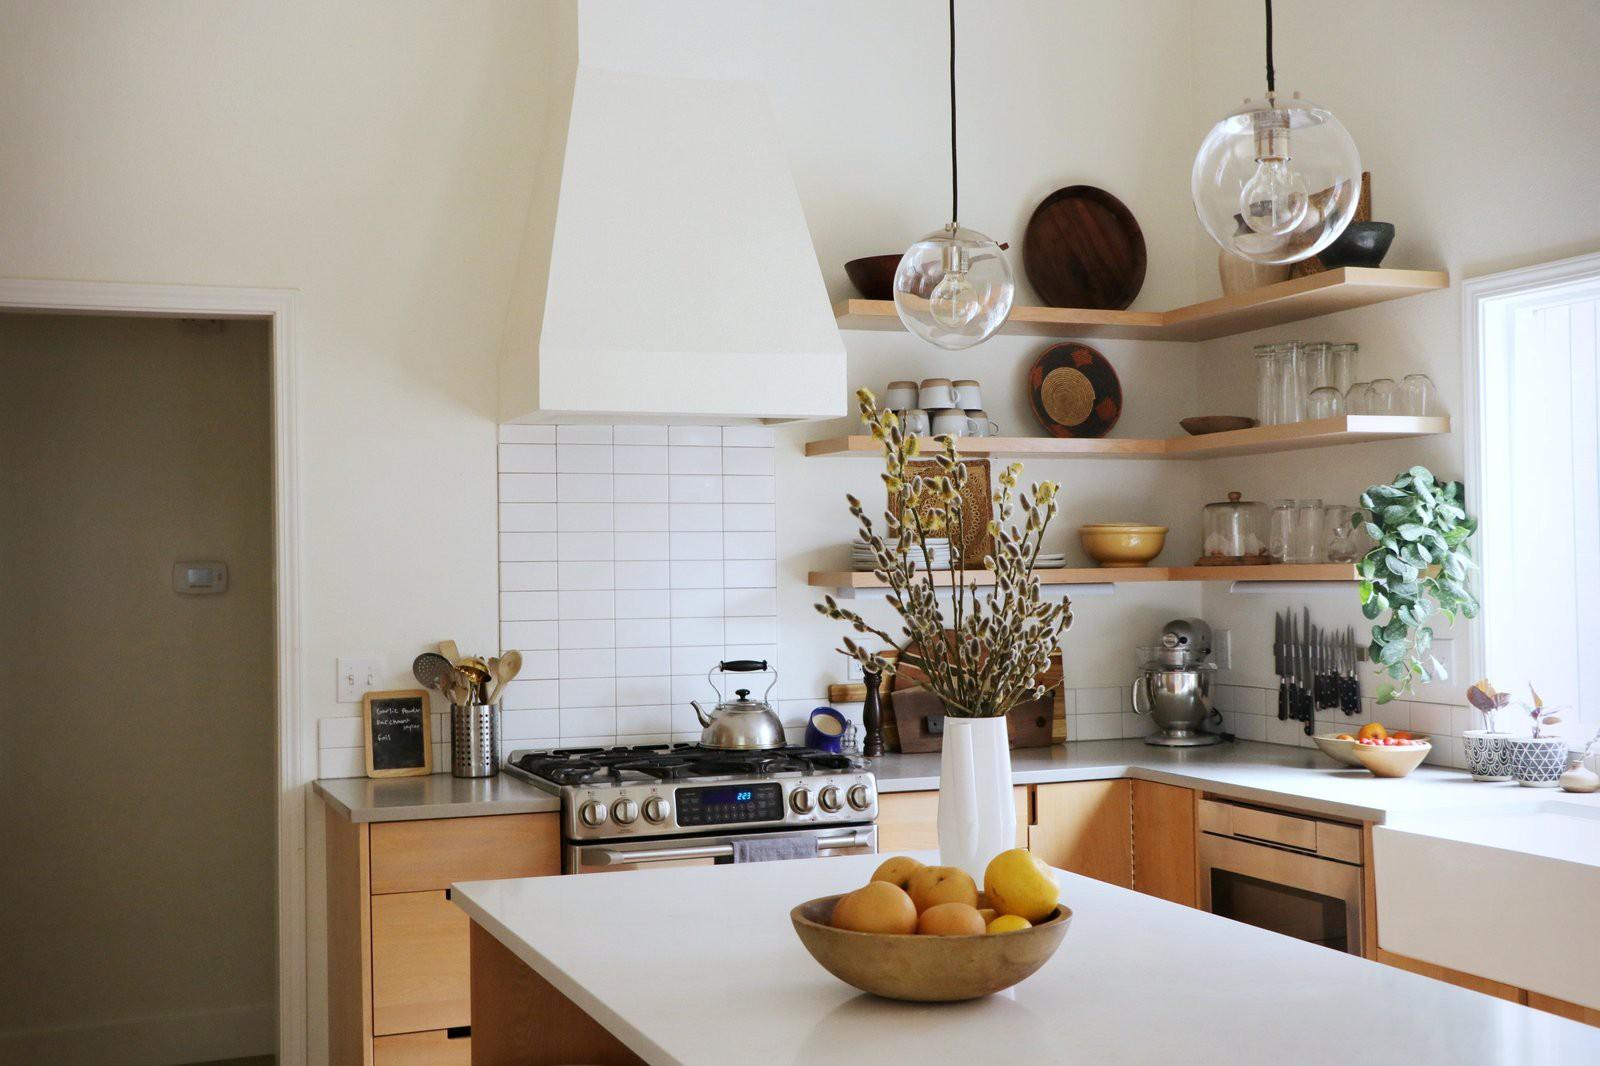 Tư vấn sửa nhà bếp Cải tạo phòng bếp nhỏ